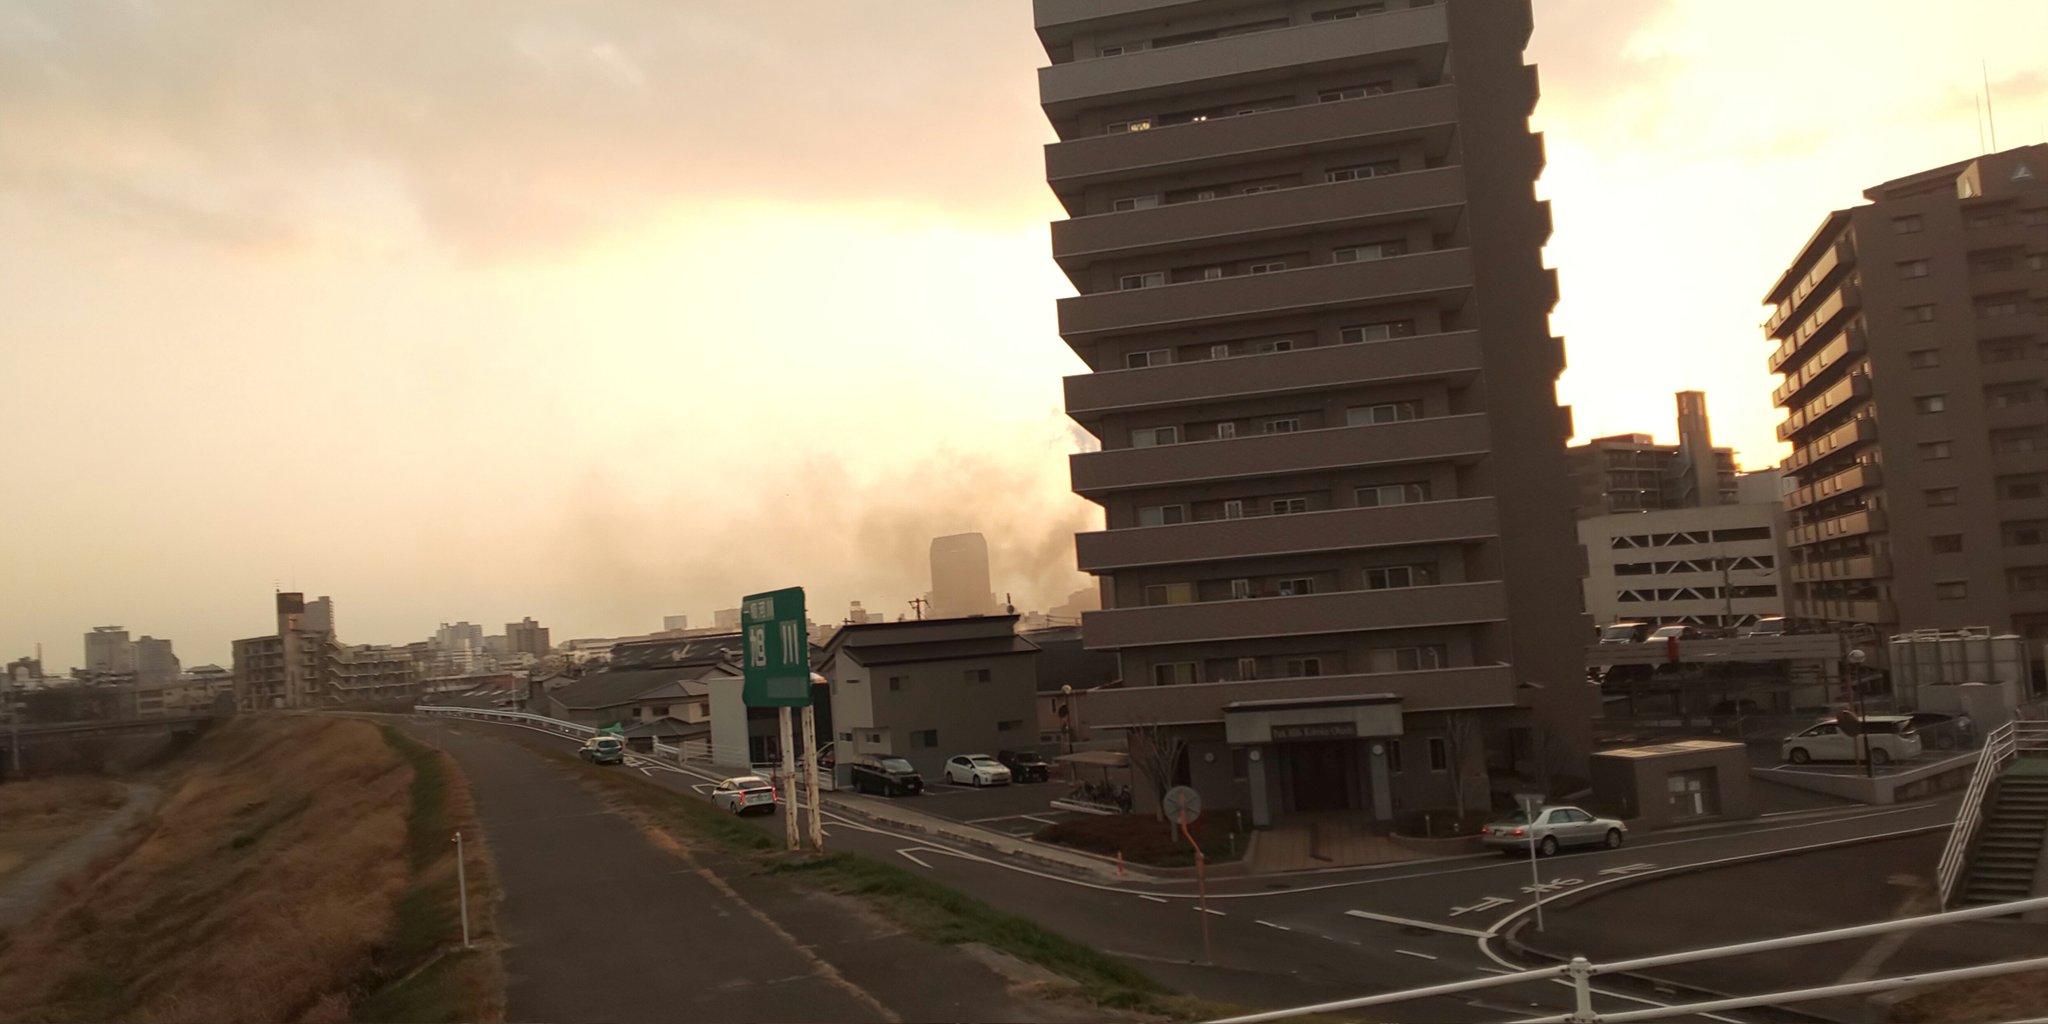 画像,岡山市大和町付近火事 https://t.co/hfDnPlnzeF。